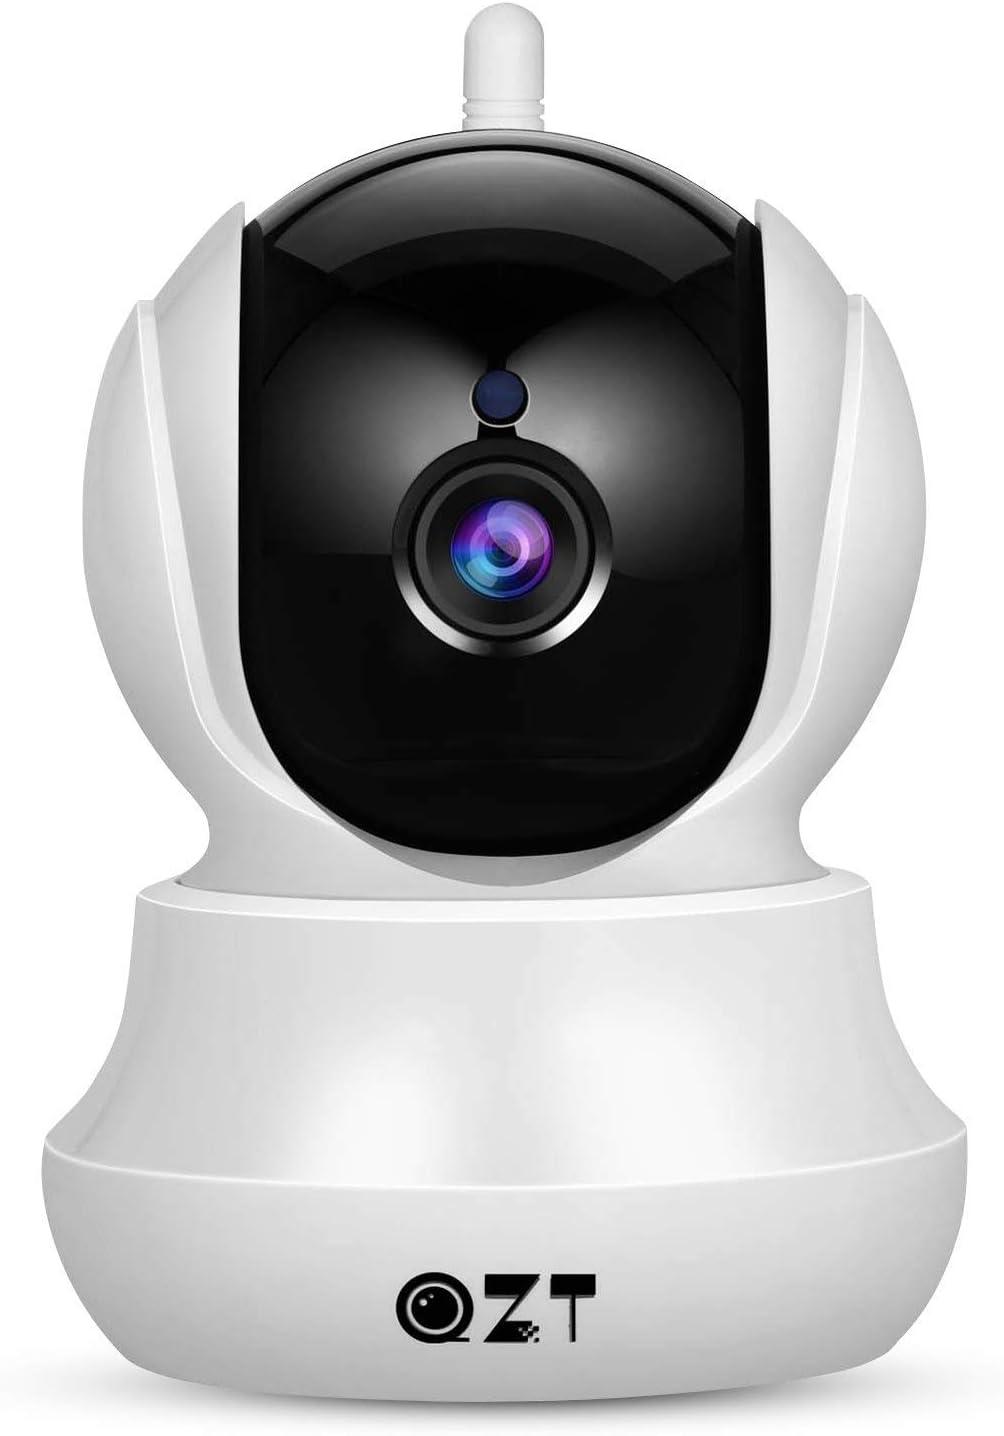 Cámara IP, Cámara de Vigilancia QZT 1080P Wifi con Visión Nocturna, Audio Bidireccional, Giro / Inclinación, Detección de Movimiento, Alarma Email, Cámara de Seguridad